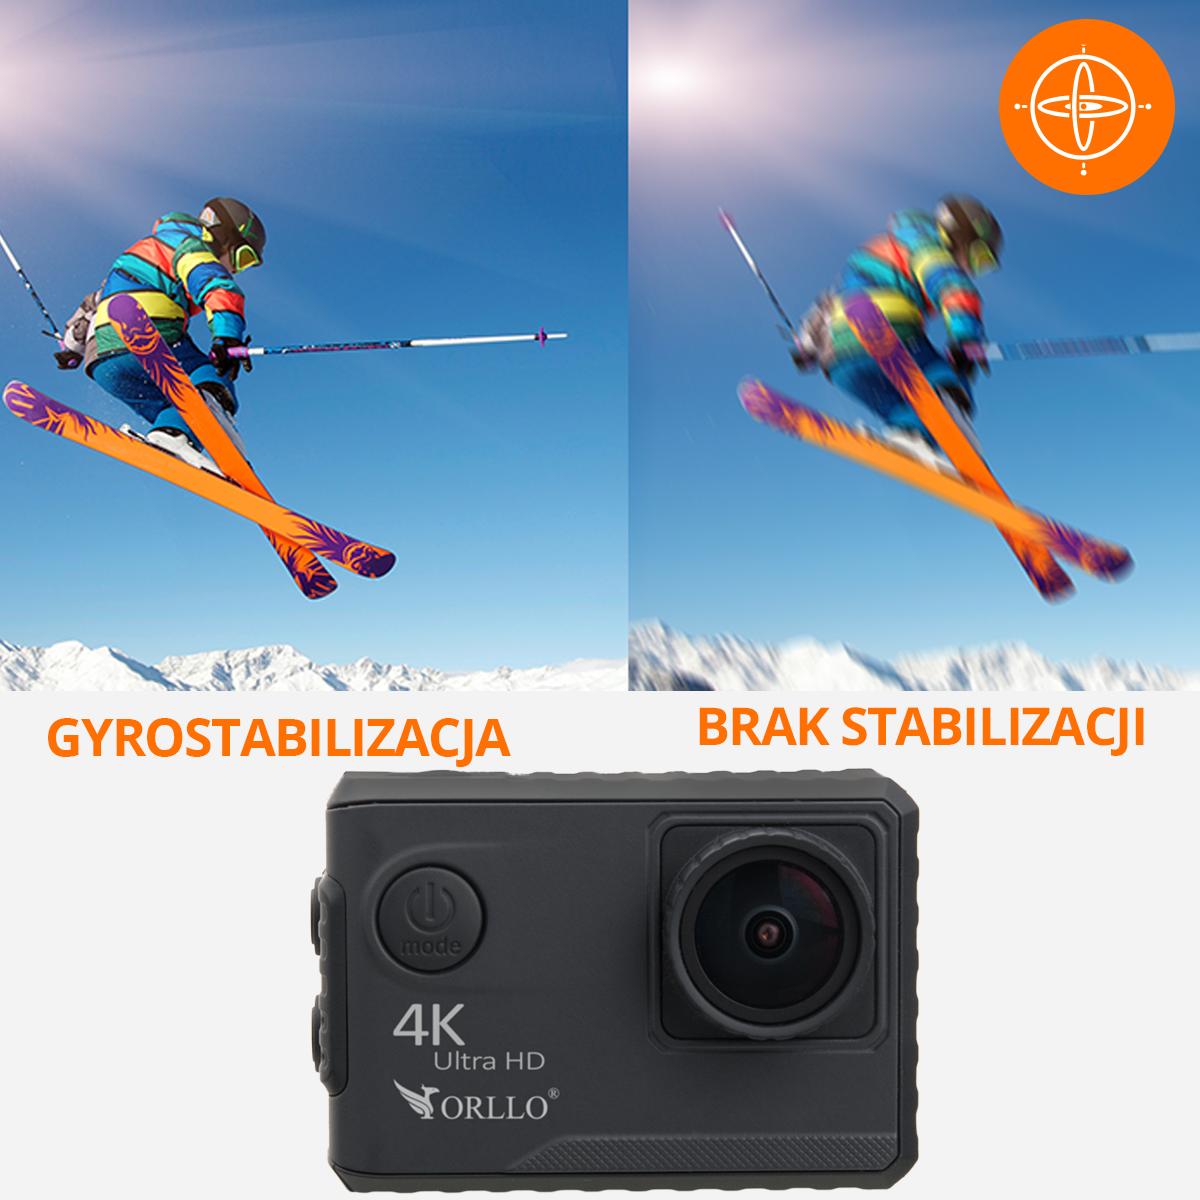 kamera-sportowa-gyrostabilizacja-orllo-pl